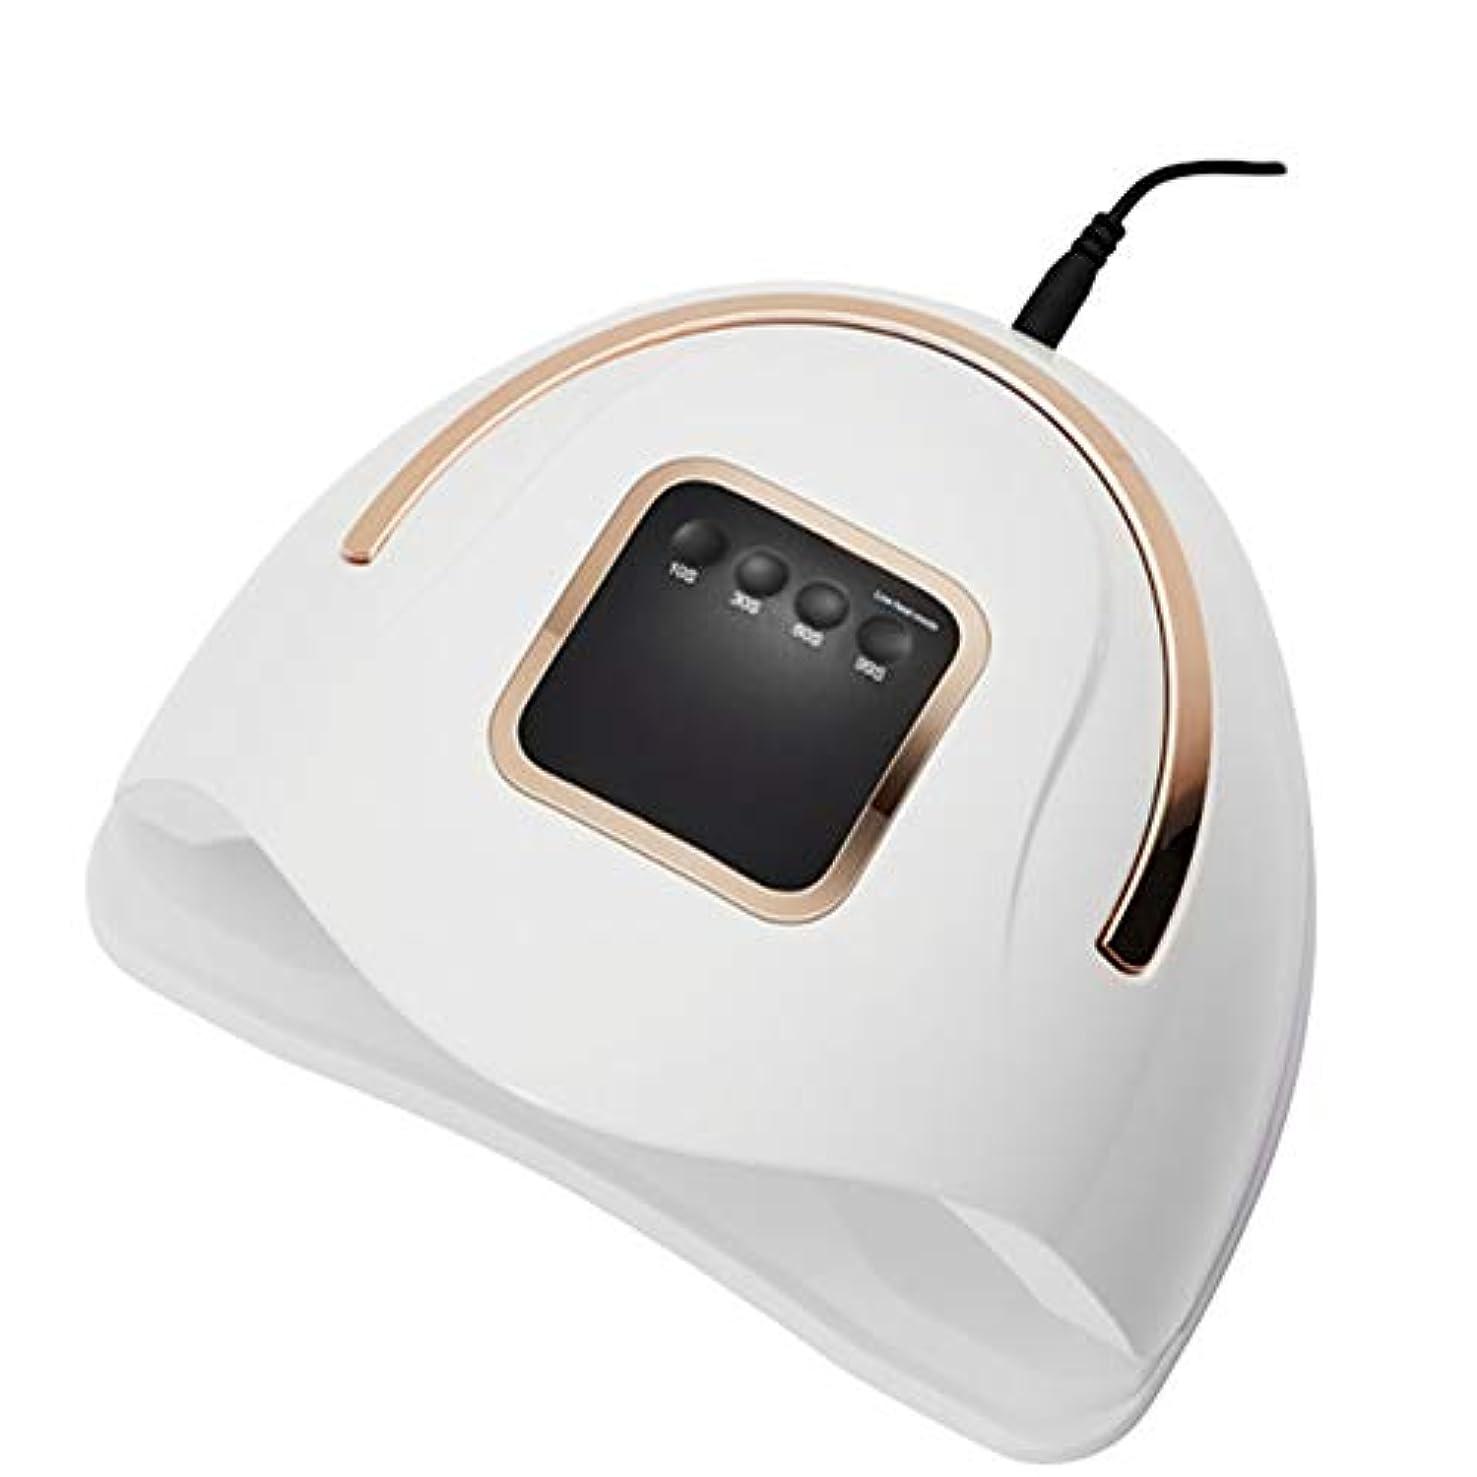 アンテナタワーアグネスグレイネイルプロフェッショナルDIYデザインツールのすべてのジェルネイルポリッシュ用72WネイルライトマニキュアUV LEDネイルドライヤー、